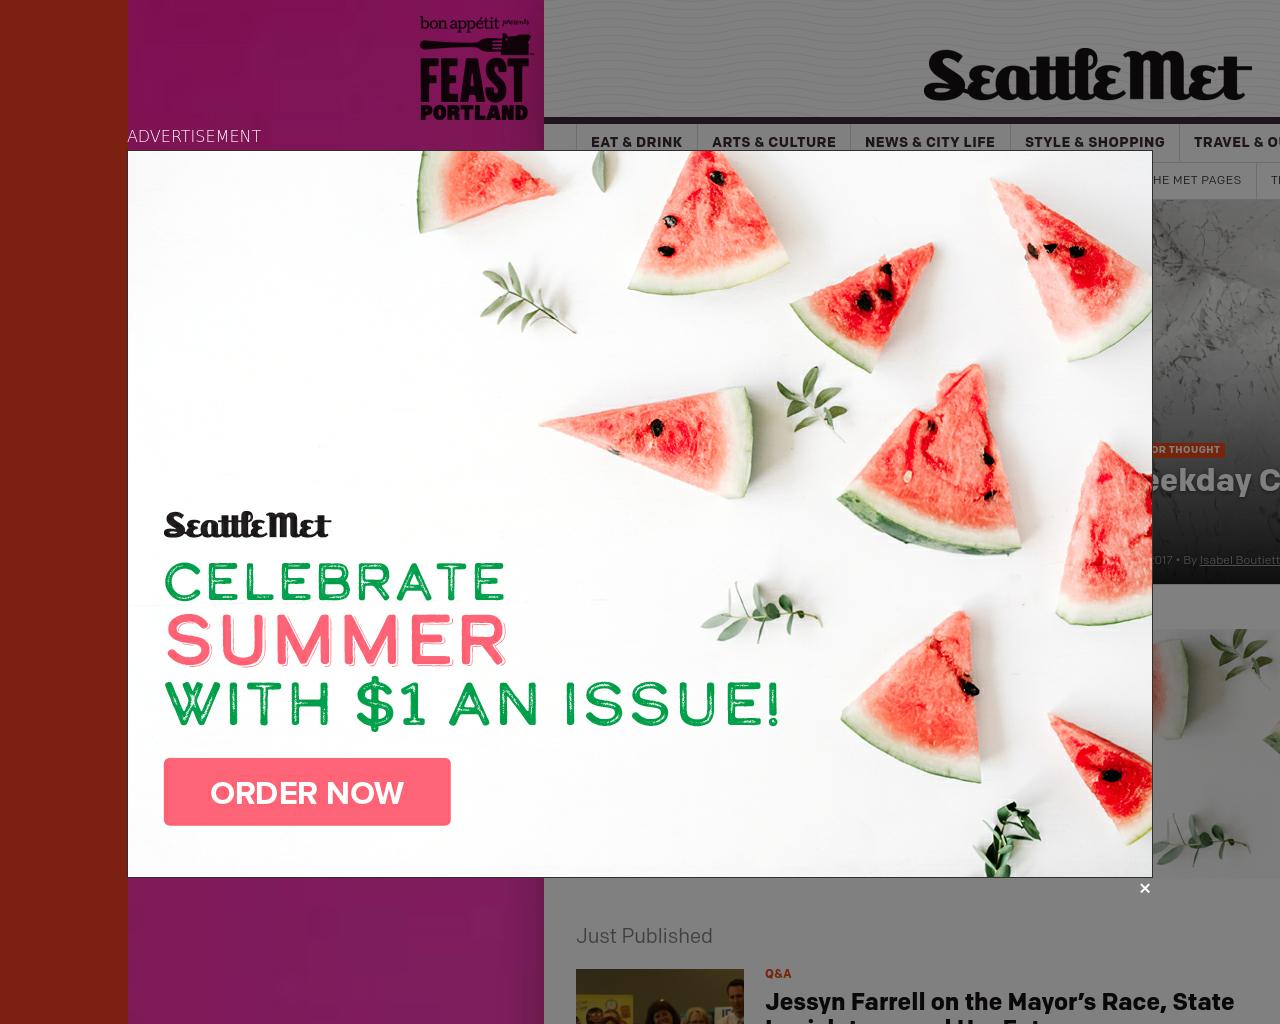 Seattle-Met-Advertising-Reviews-Pricing